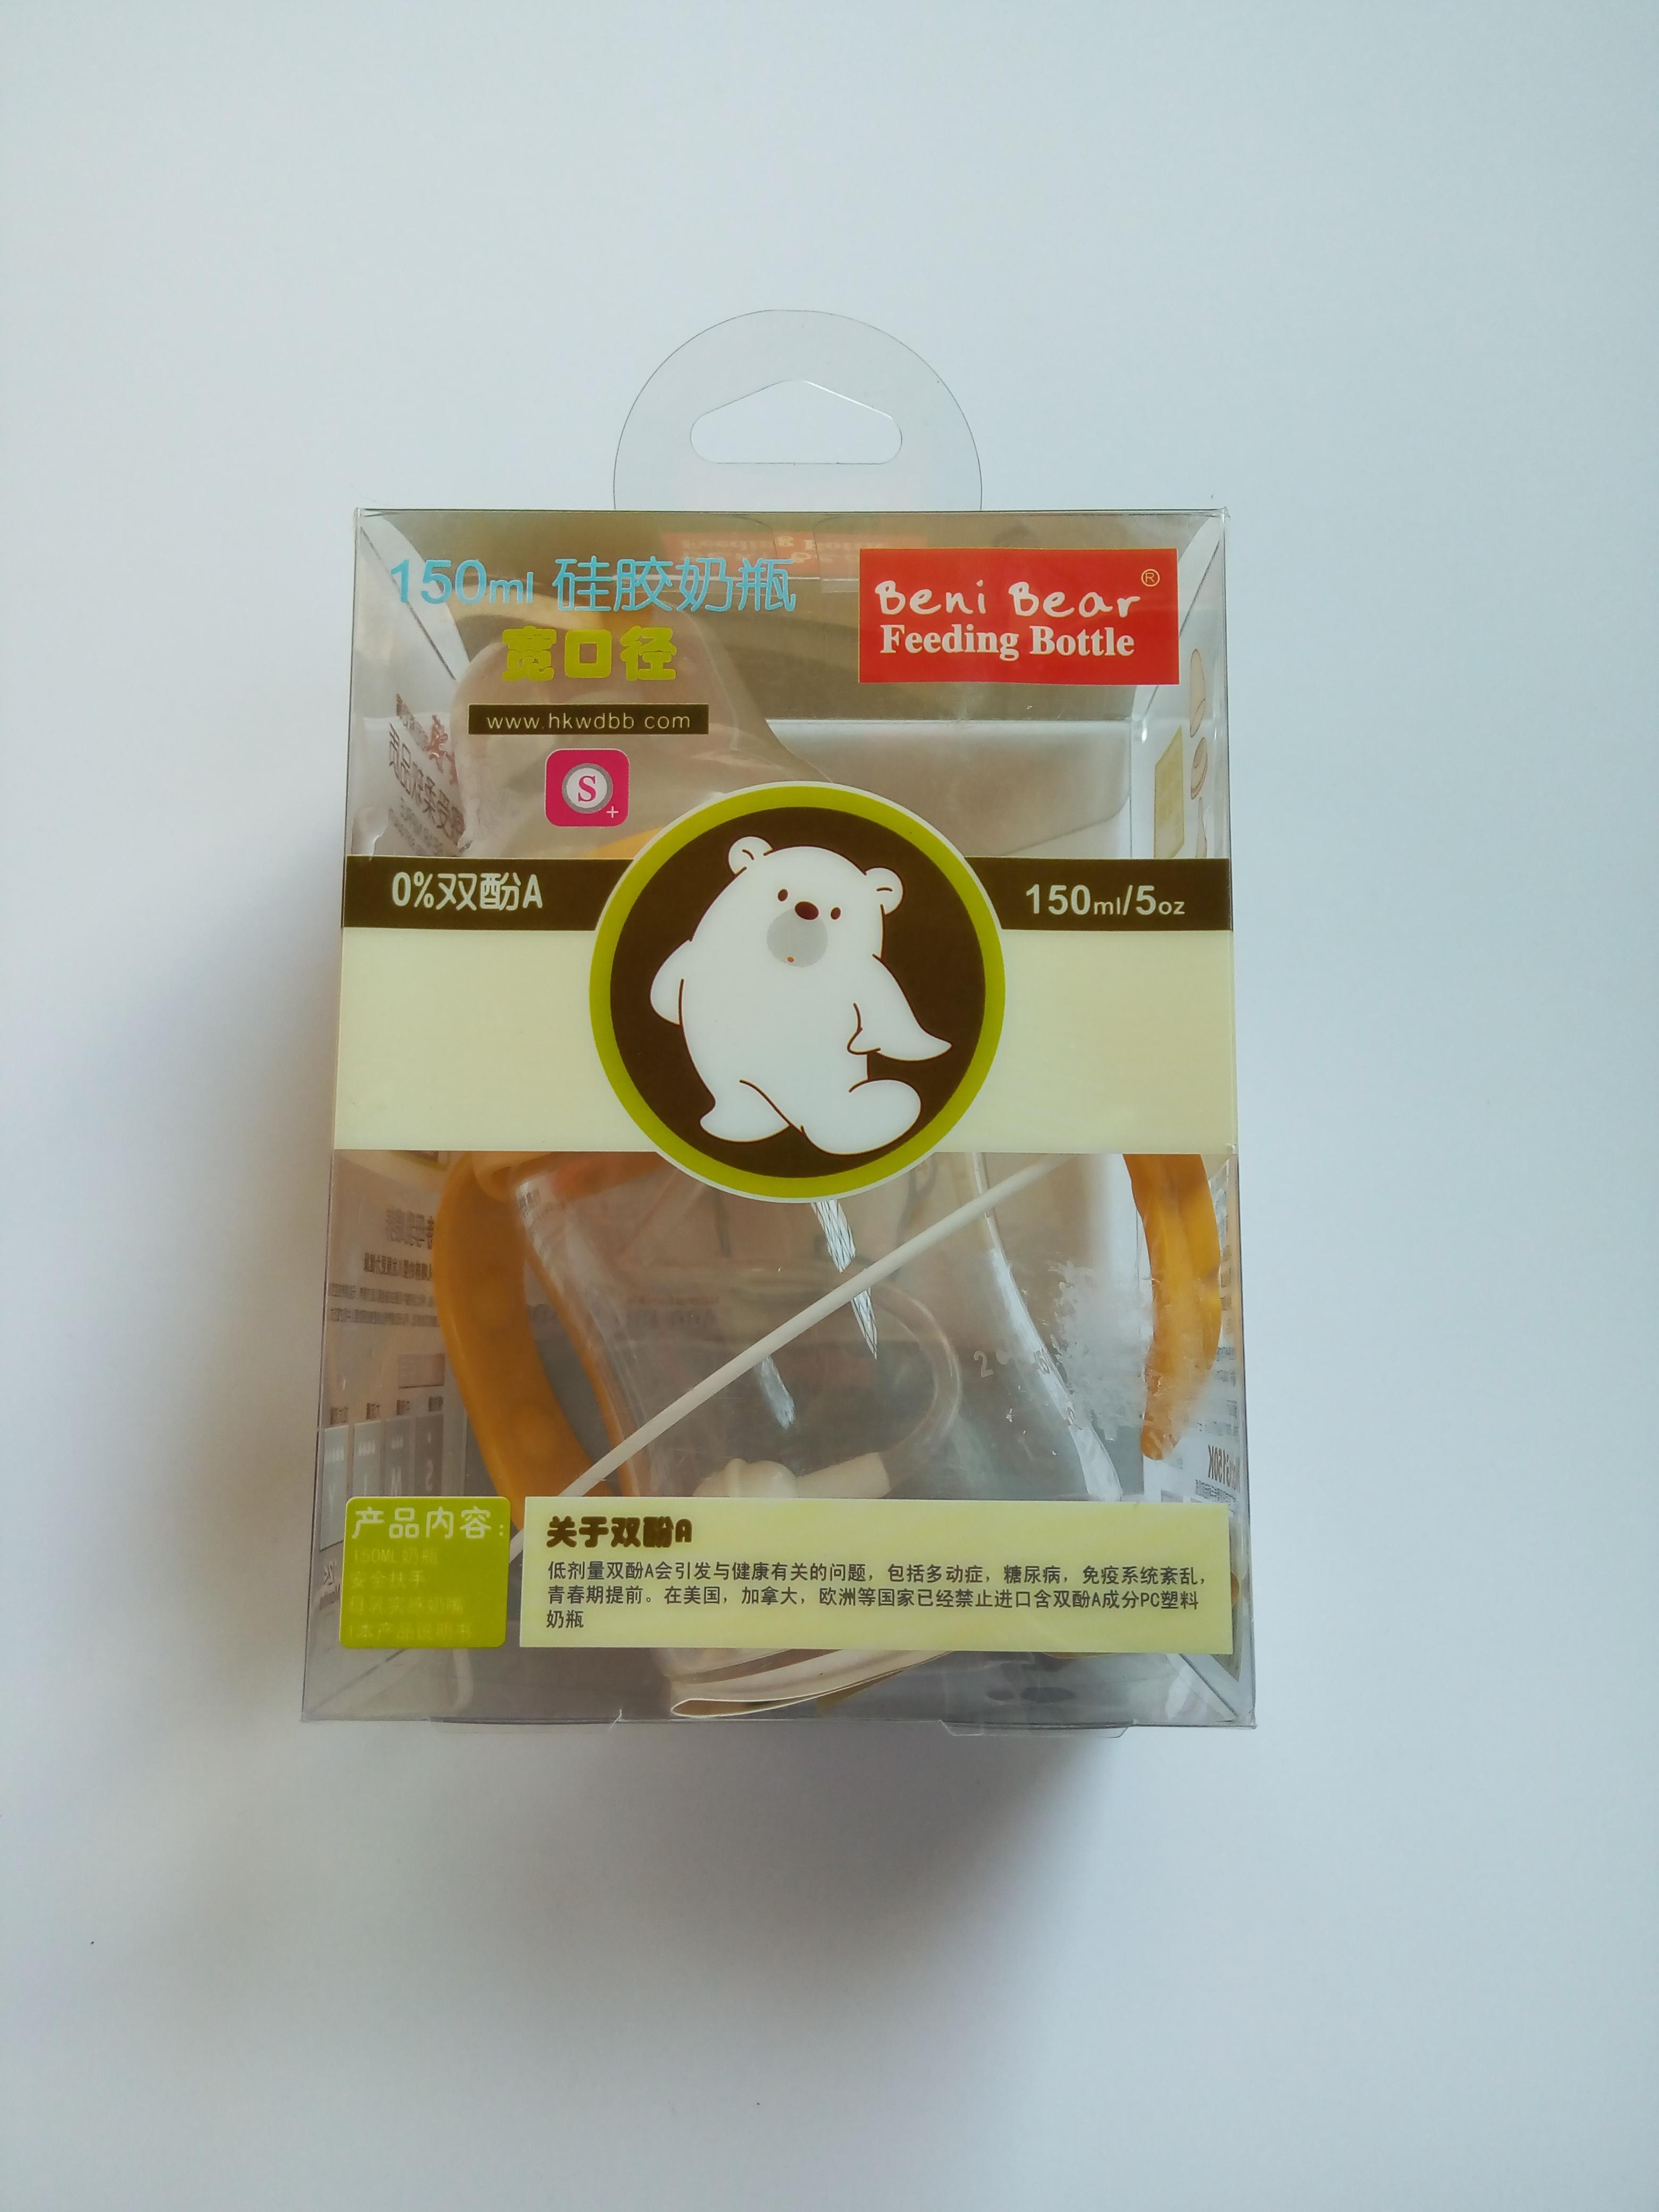 厂家大量定制PP奶瓶胶盒包装 PET洗护用品胶盒包装 PVC电子配件胶盒包装